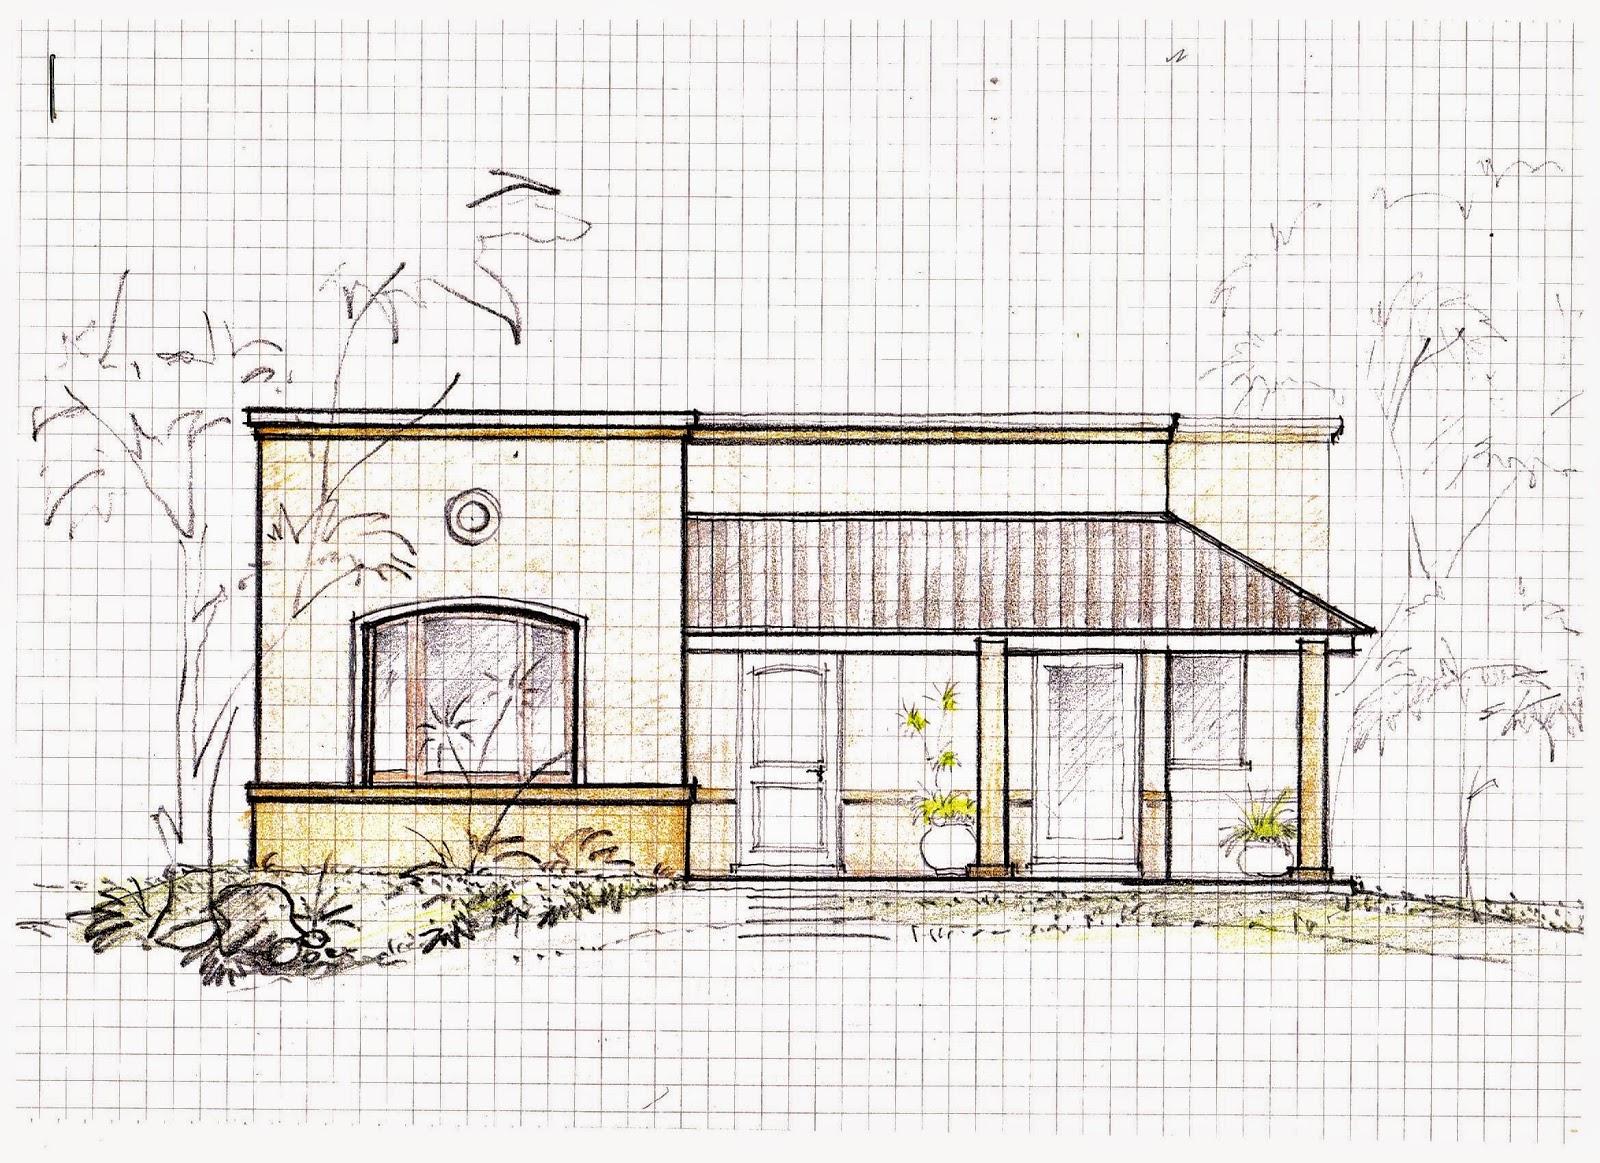 Casas y planos grupo 3 arquitecto roque e paulino - Casas dibujadas a lapiz ...